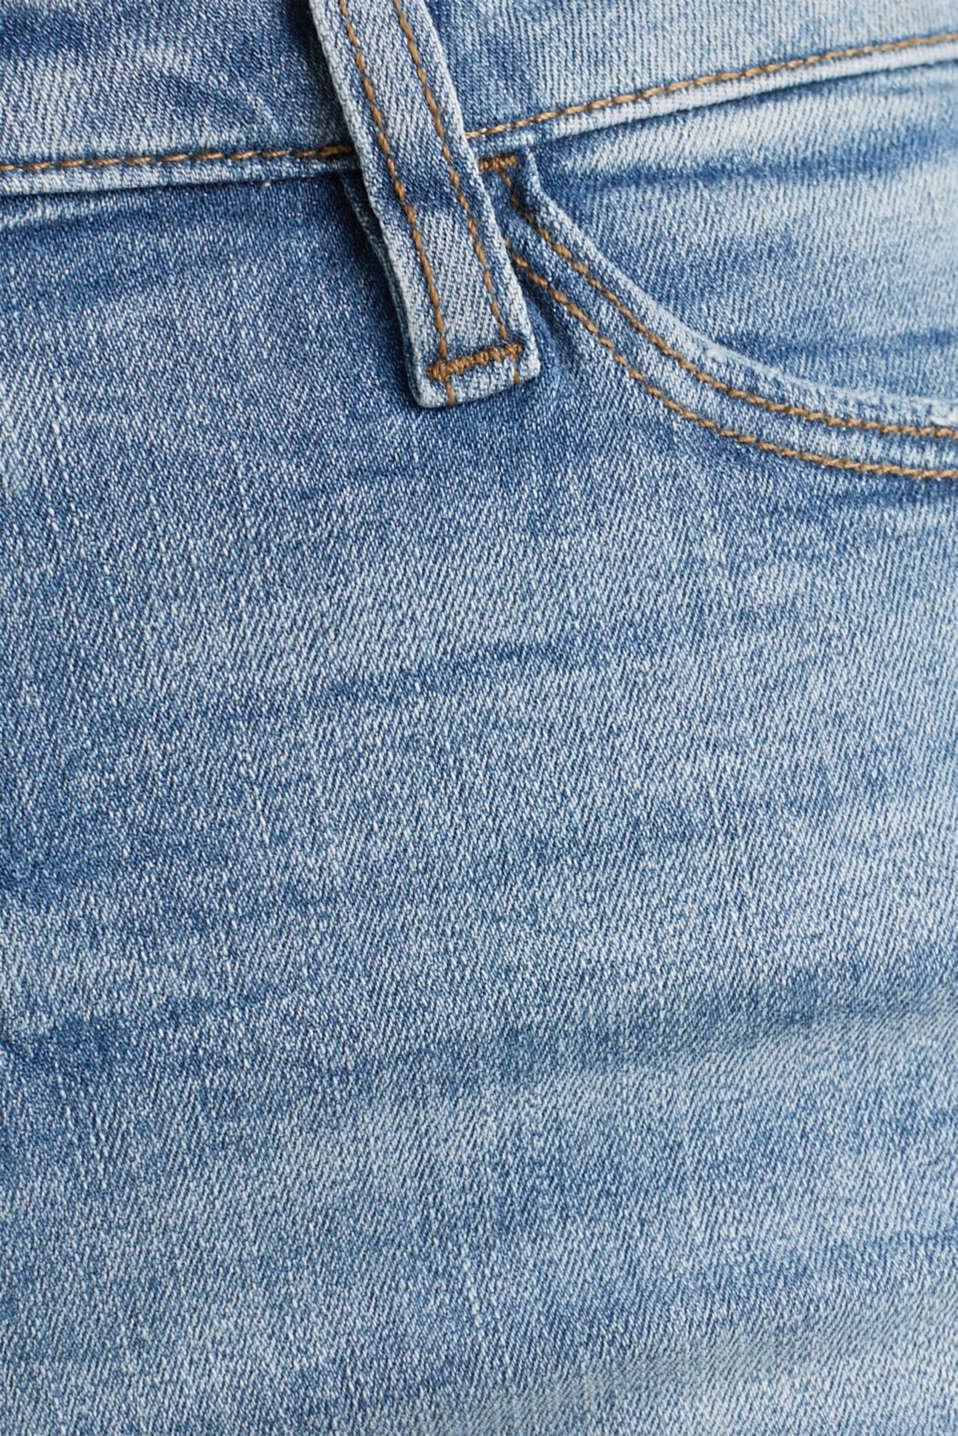 Denim shorts with vintage effects, BLUE LIGHT WASH, detail image number 4